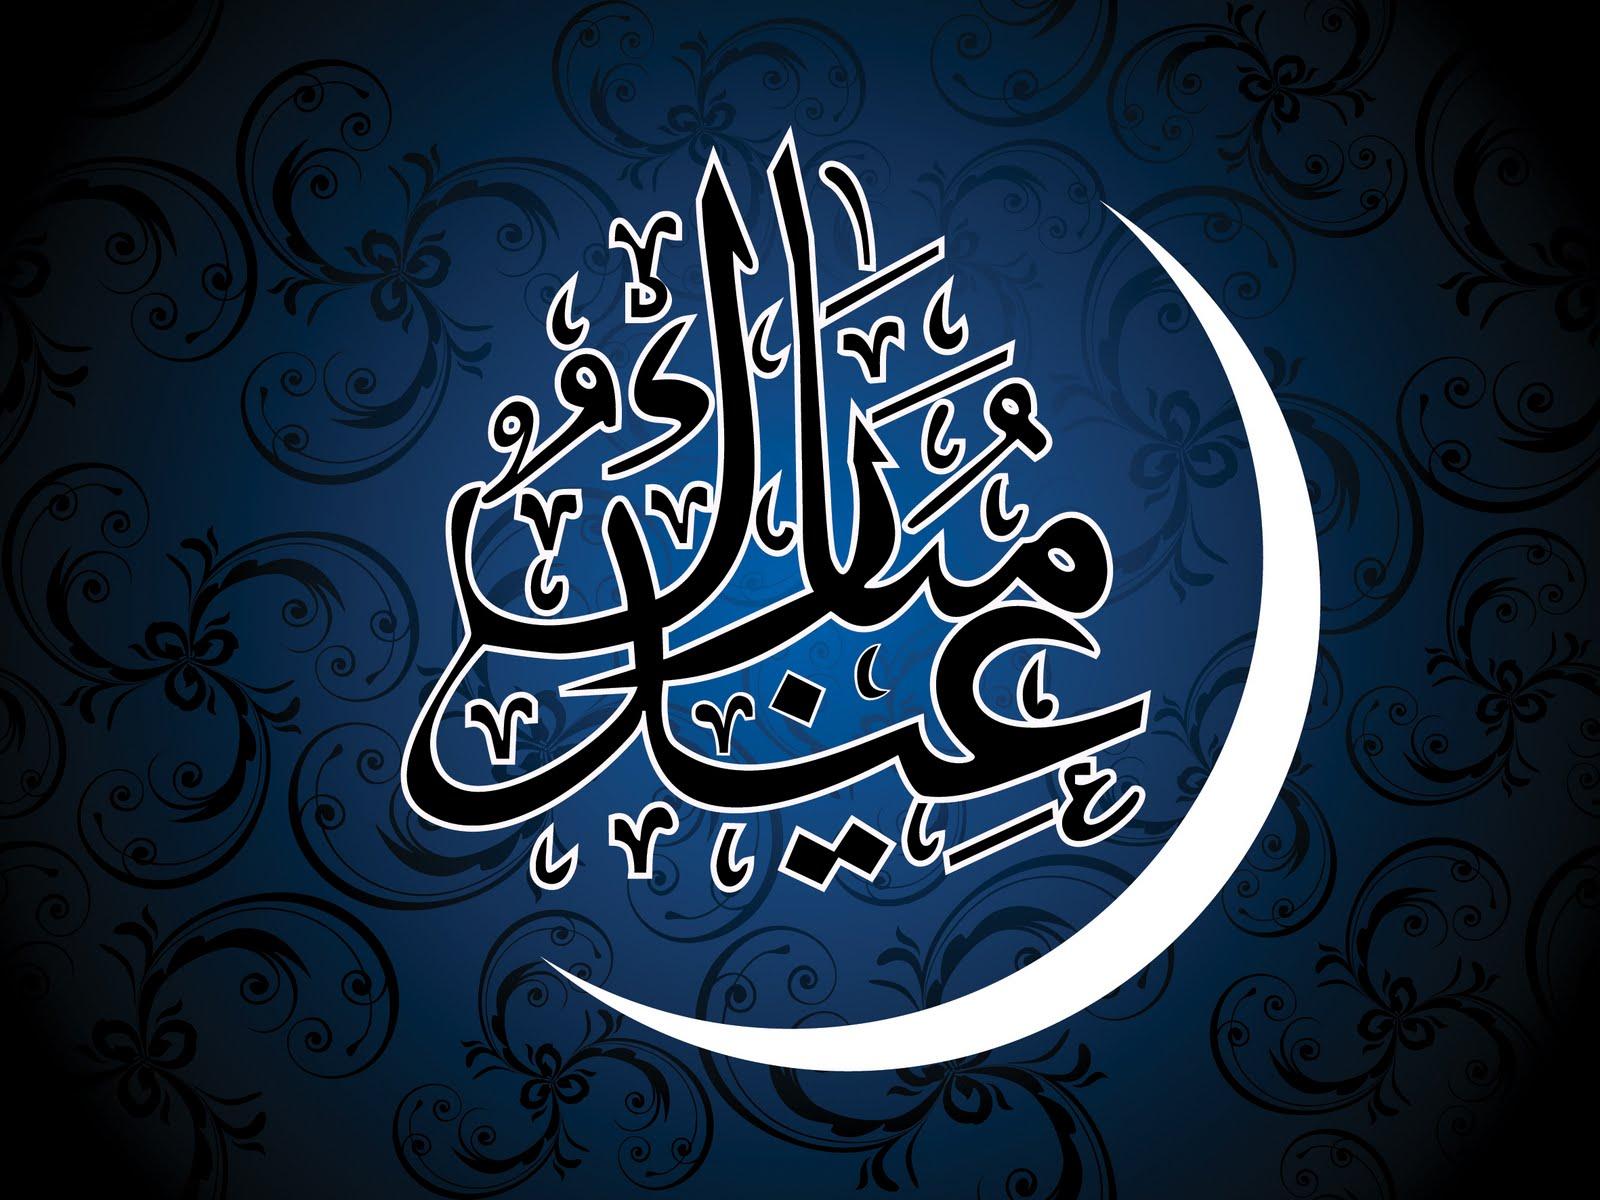 Картинки с мусульманскими надписями на арабском, дню